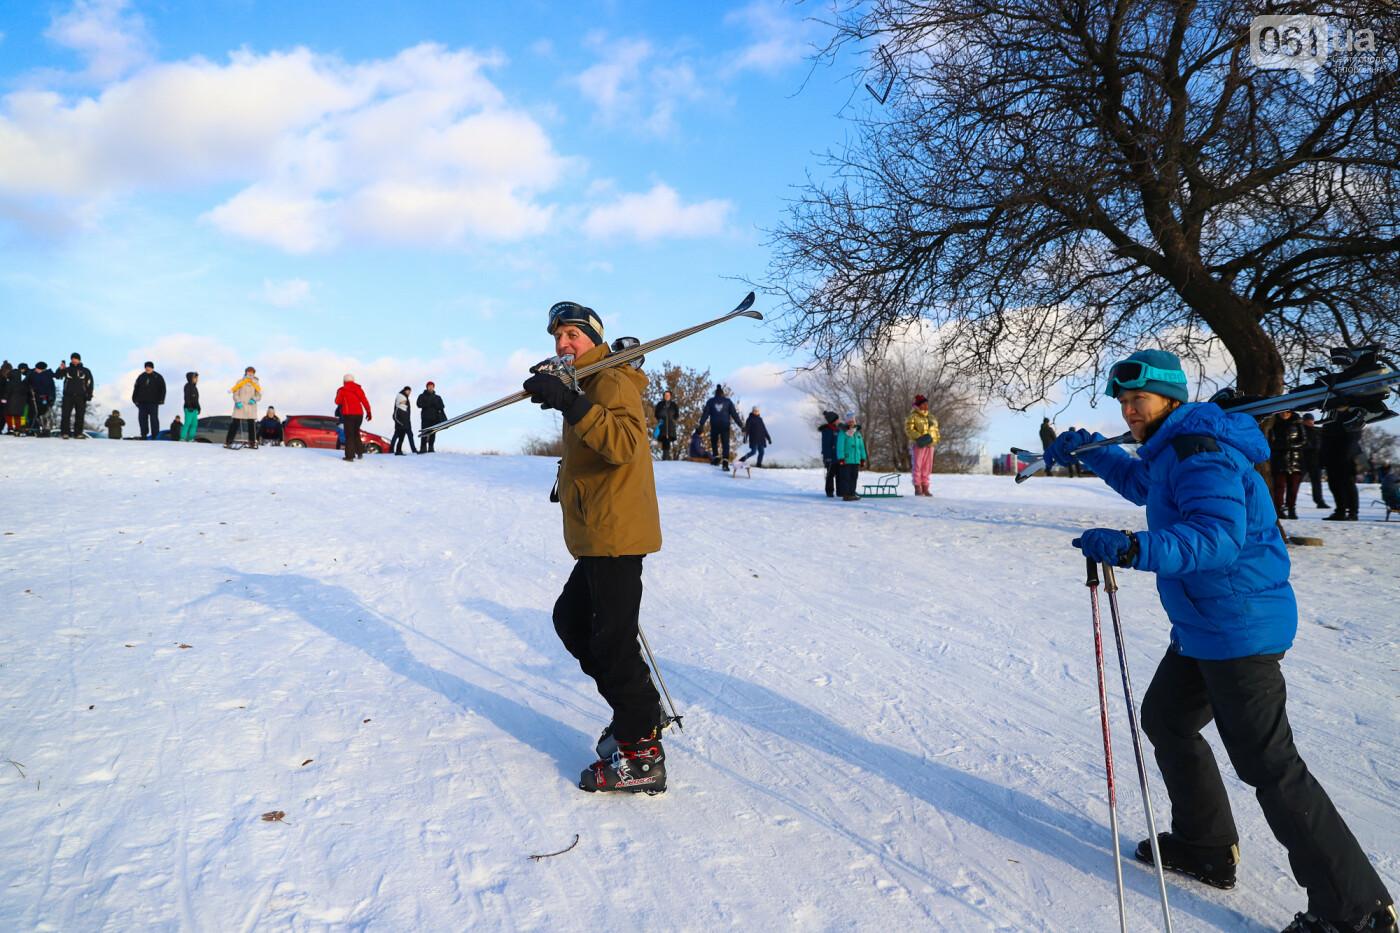 На санках, лыжах и сноуборде: запорожцы устроили массовое катание с горок в Вознесеновском парке, - ФОТОРЕПОРТАЖ, фото-12